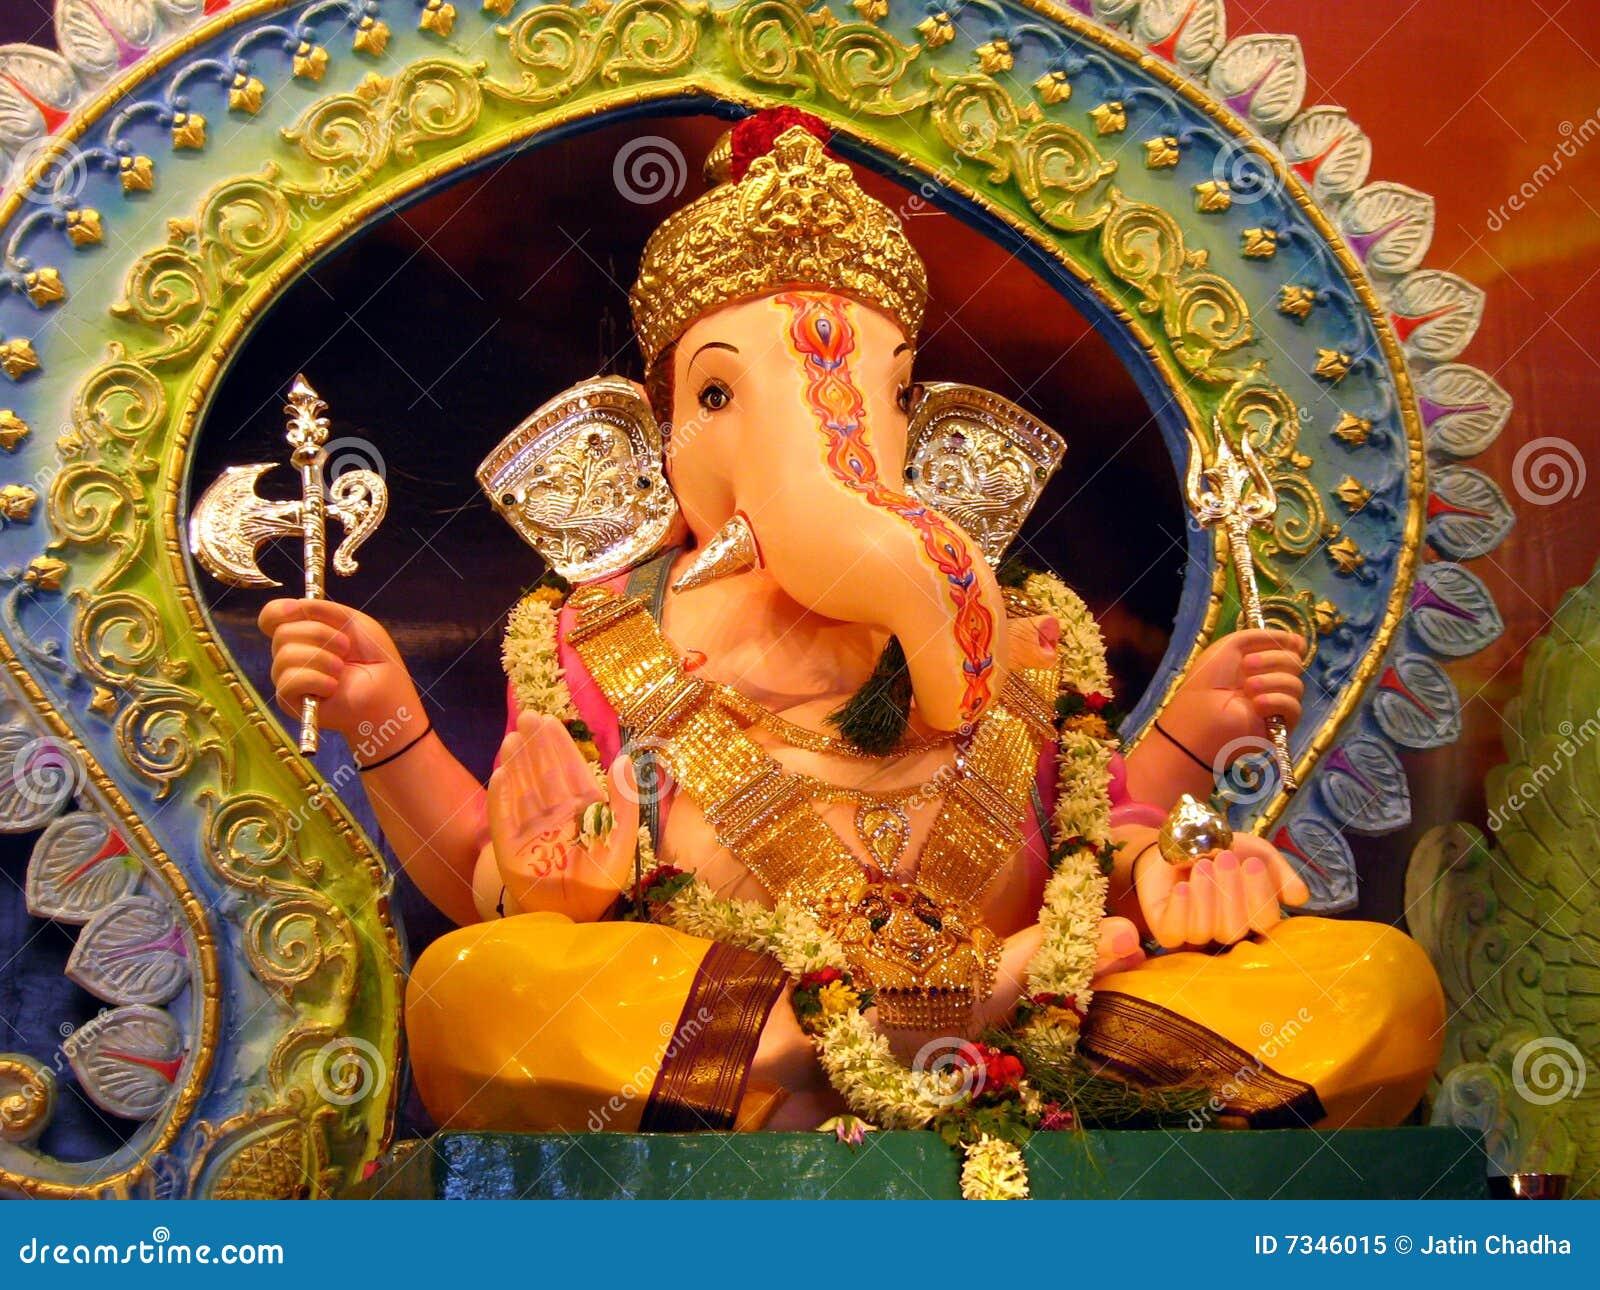 Beautiful ganesha idol royalty free stock photo image for Background decoration for ganesh festival